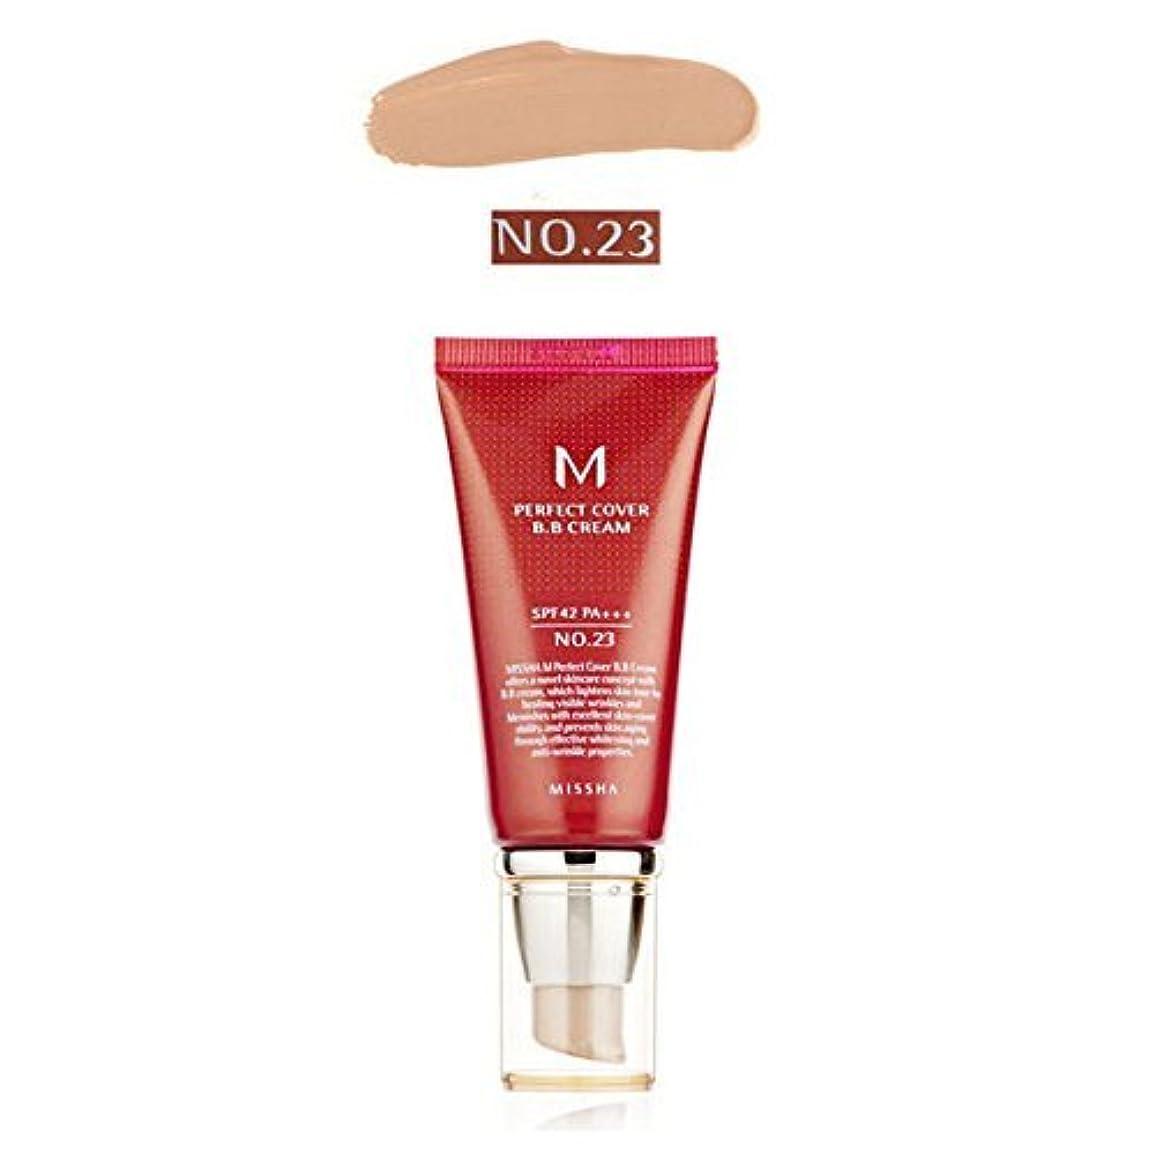 鳴らす甘い前提[ミシャ] MISSHA [M パーフェクト カバー BBクリーム 21号 / 23号50ml] (M Perfect Cover BB cream 21号 / 23号 50ml) SPF42 PA+++ (Type5...